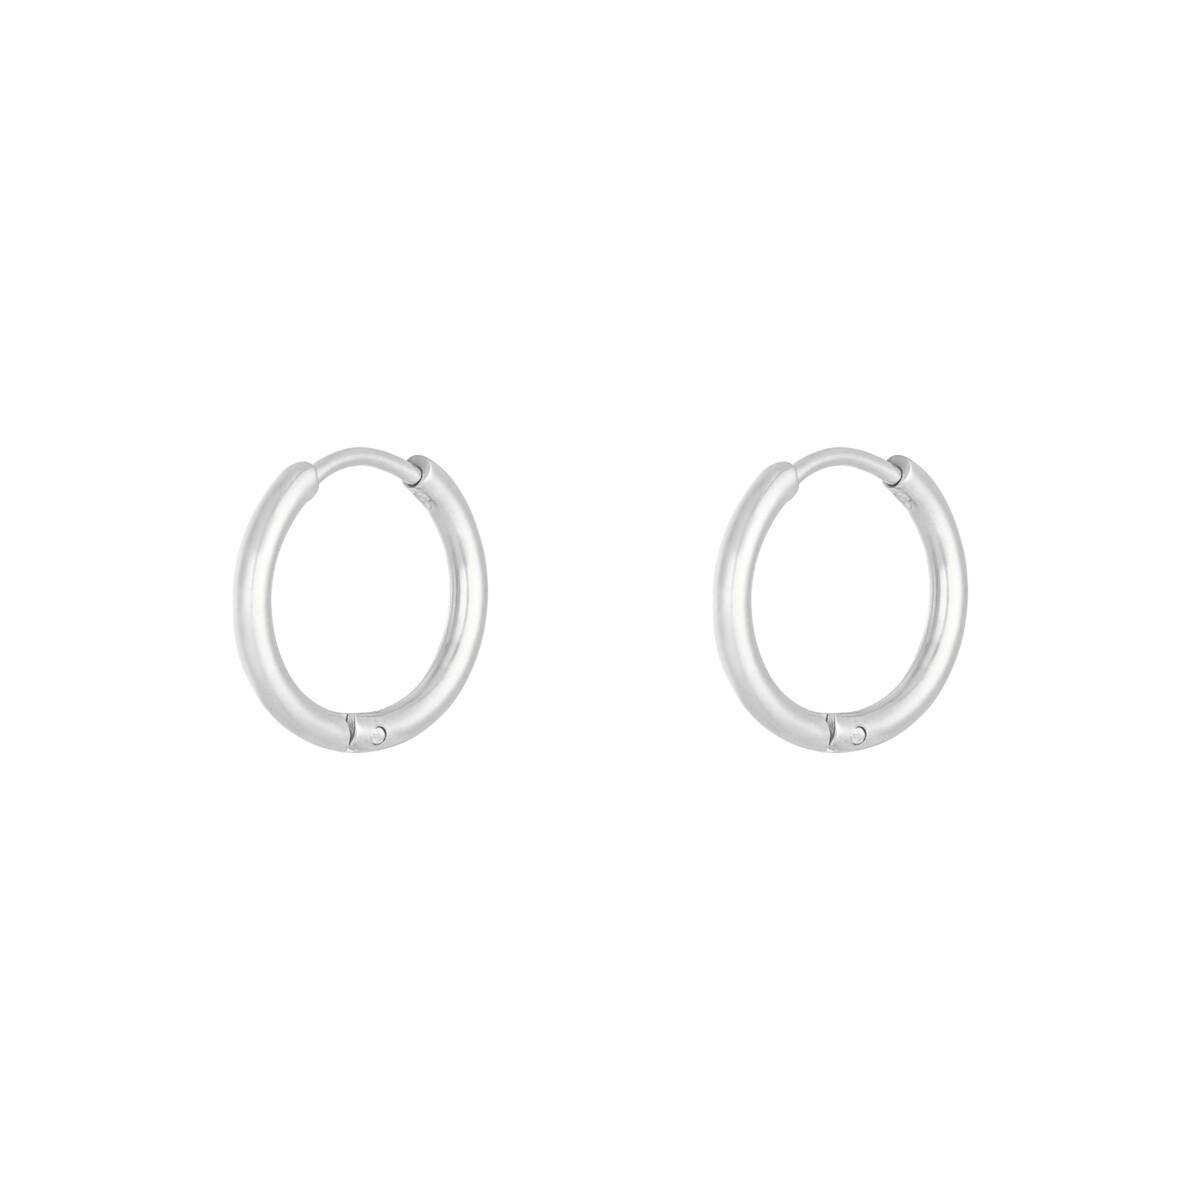 Simpele stainless steel oorringetjes zilver 14mm